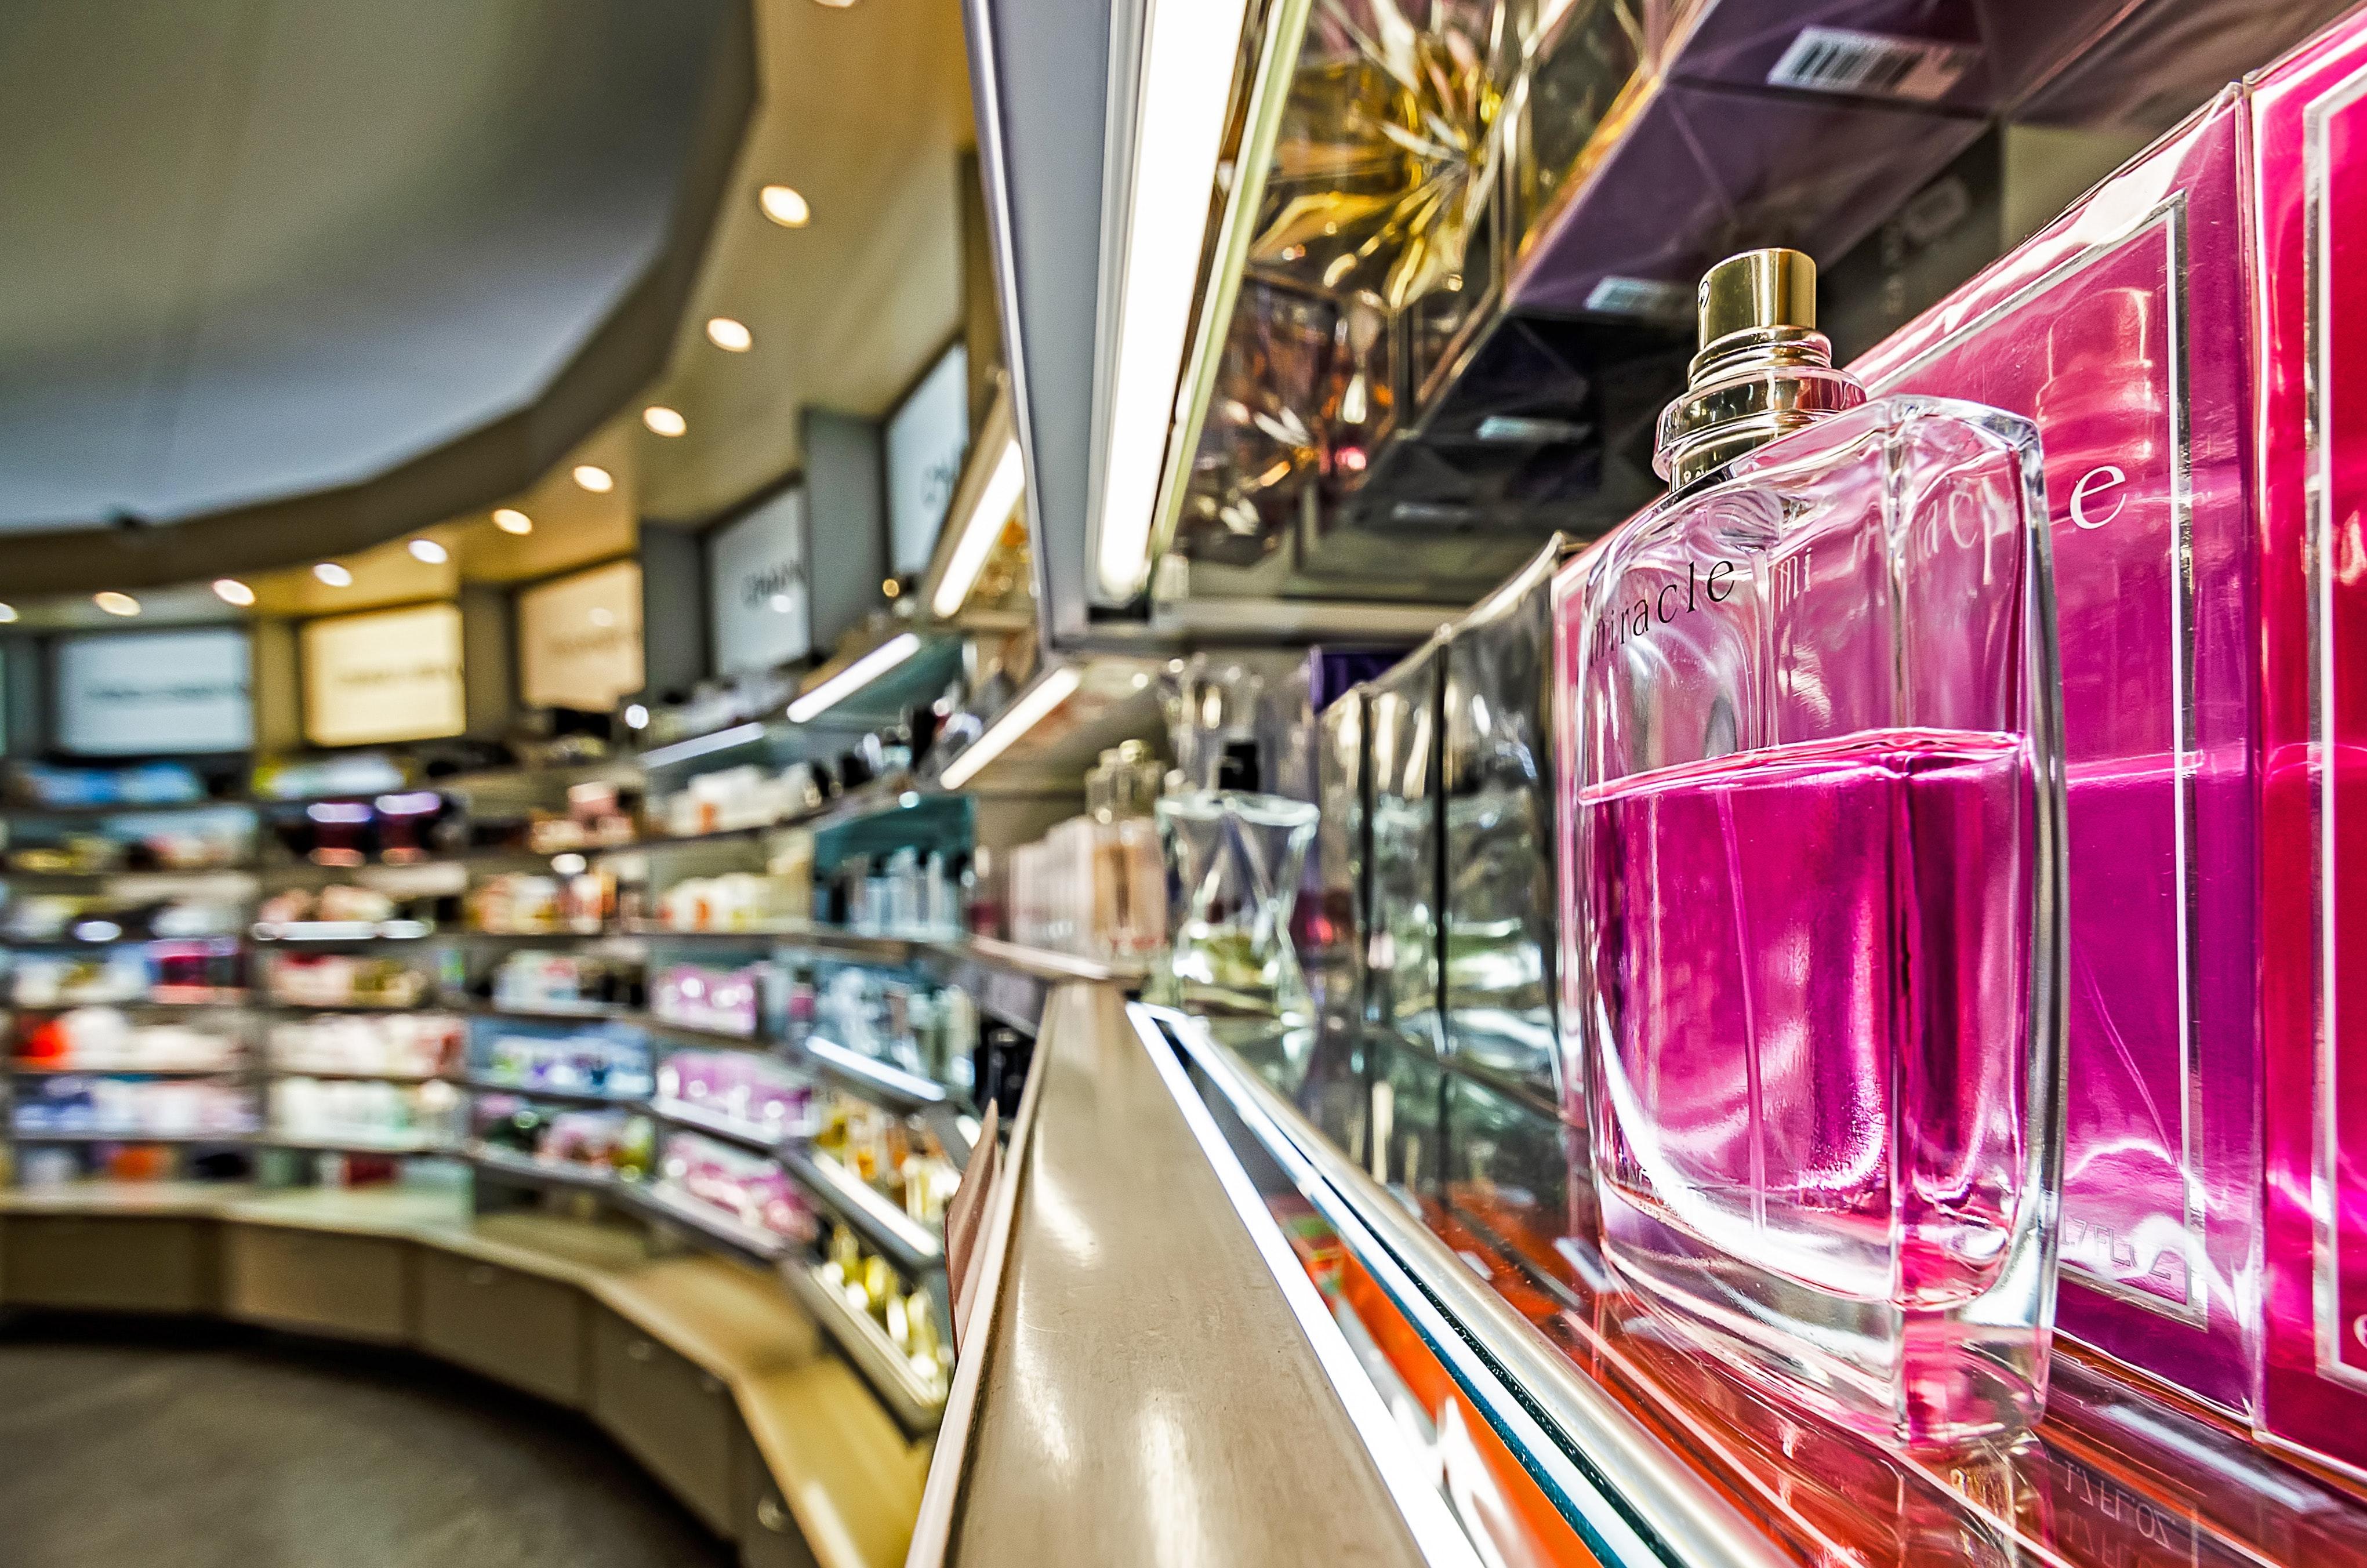 Магазины косметики предупредили о снижении ассортимента из-за новой системы маркировки